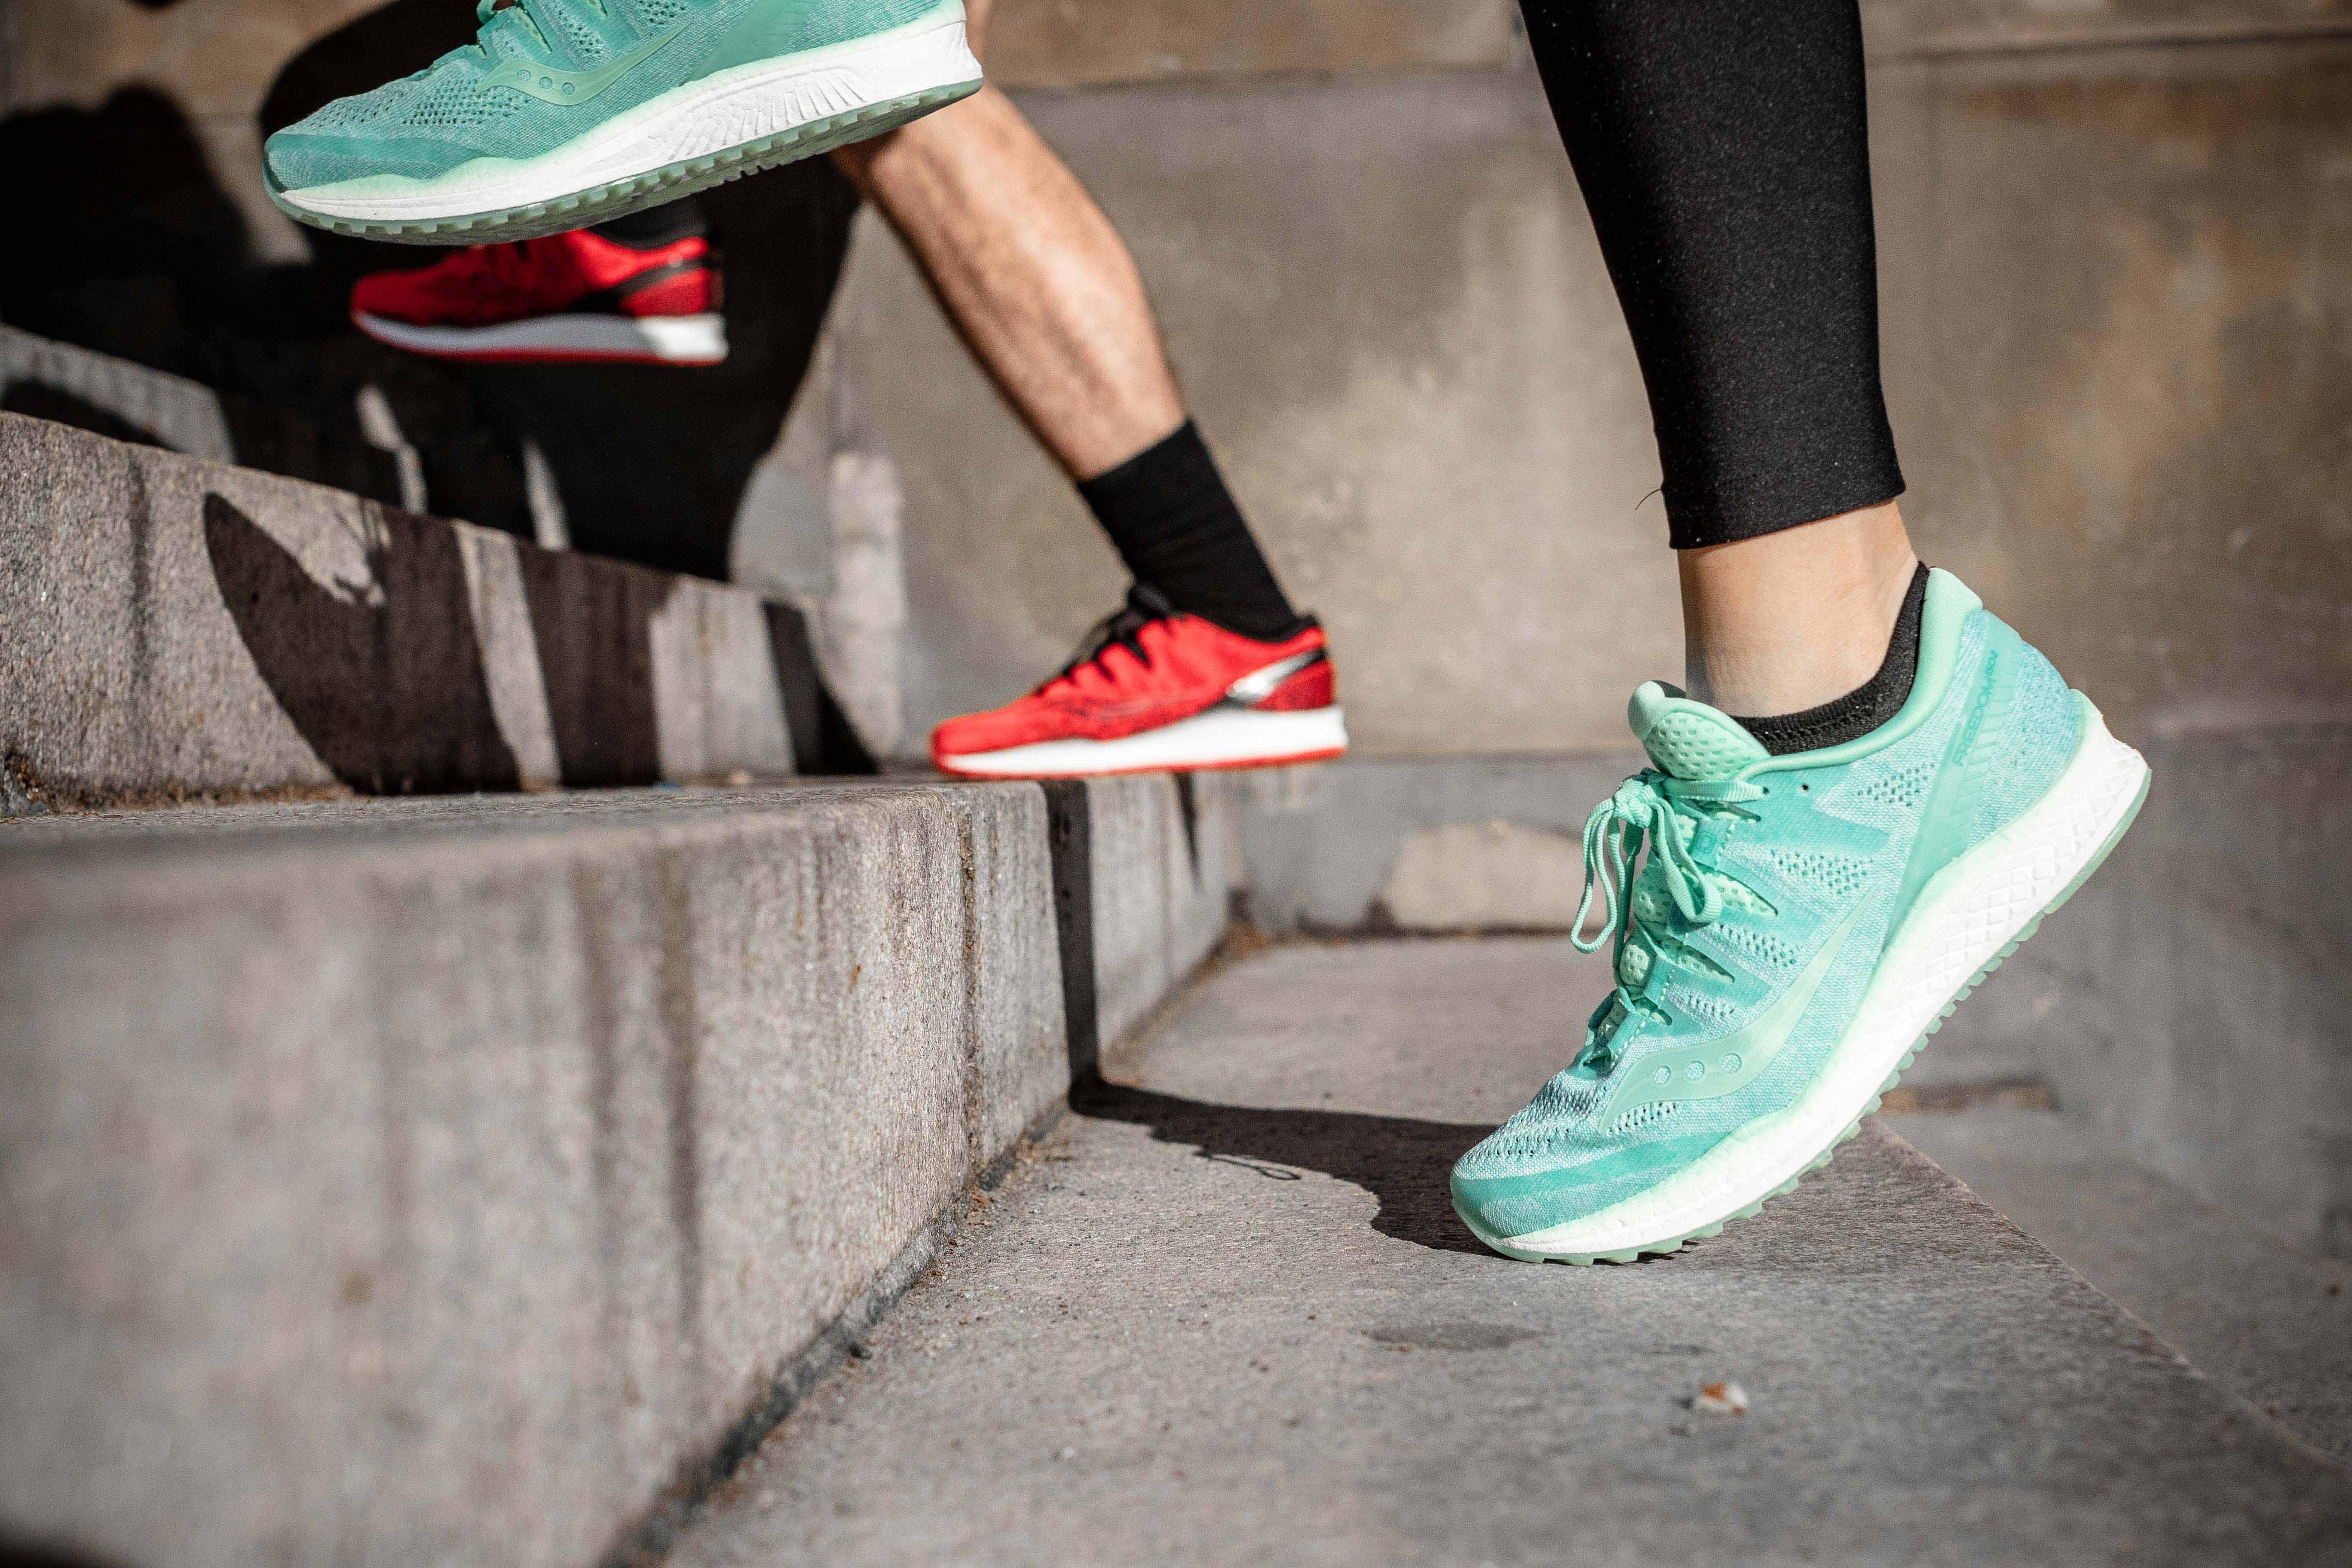 Hodina běhu prodlouží život o 7 hodin